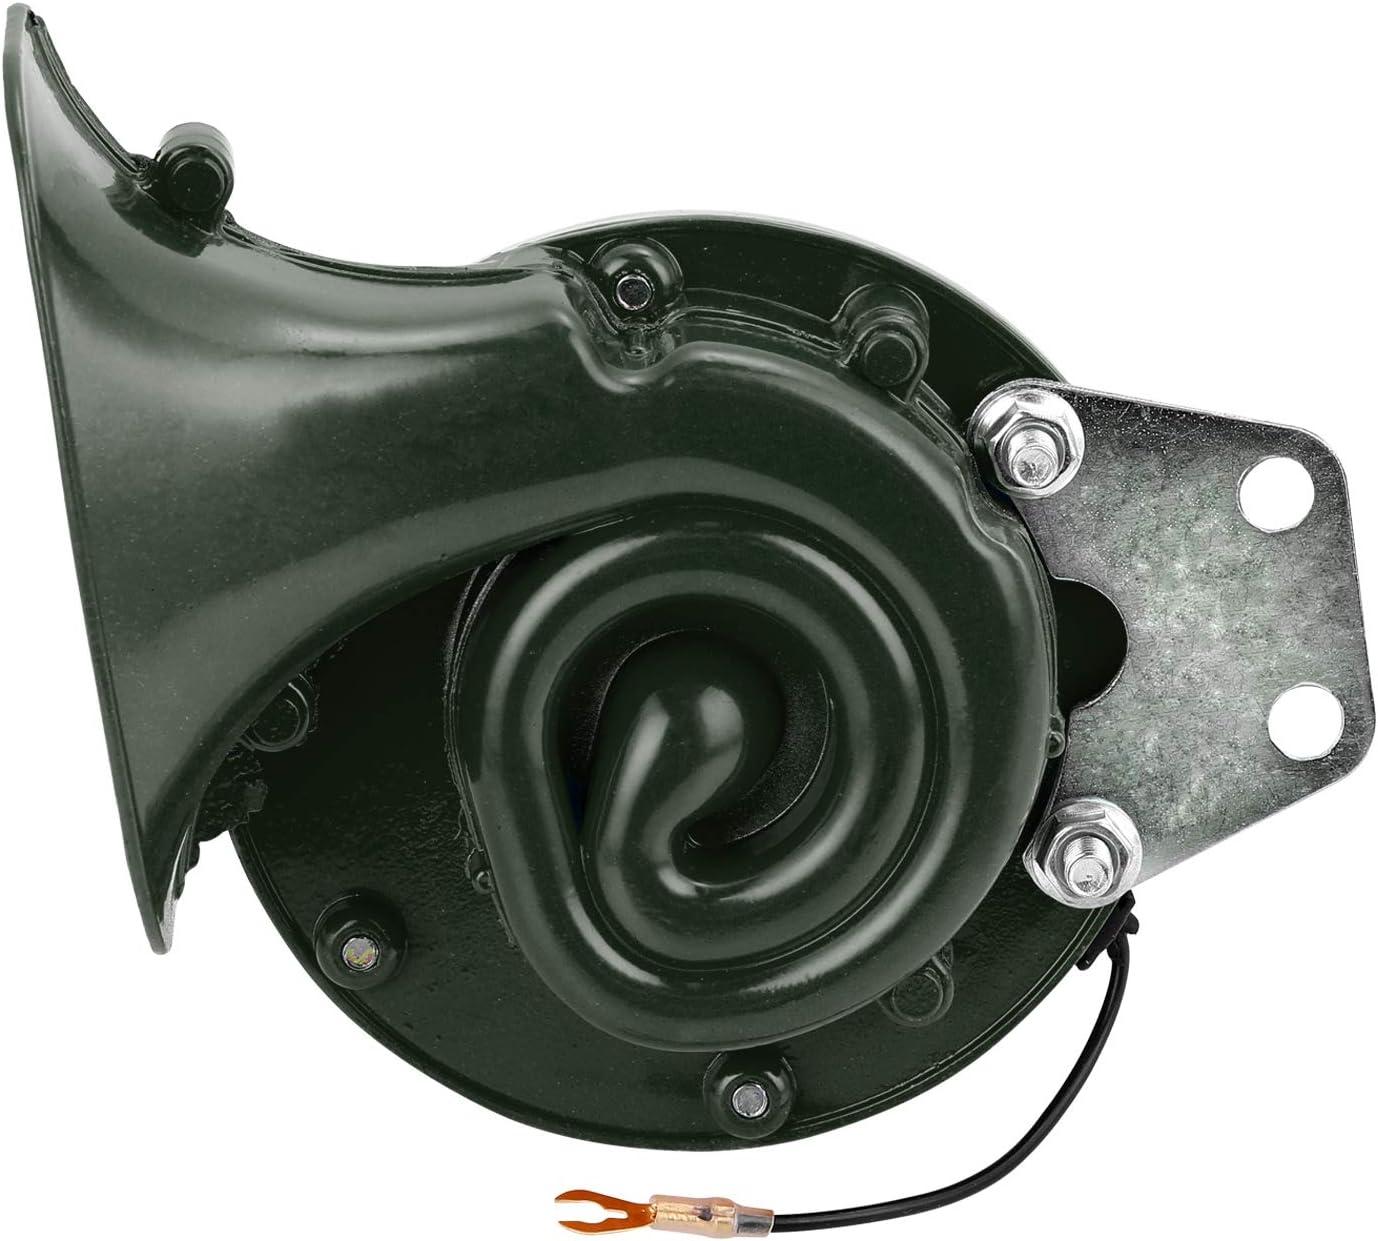 Carrfan Lautes 300DB 12V elektrisches Schneckenhorn Lufthorn rasender Ton f/ür Auto Motorrad LKW-Bootskran